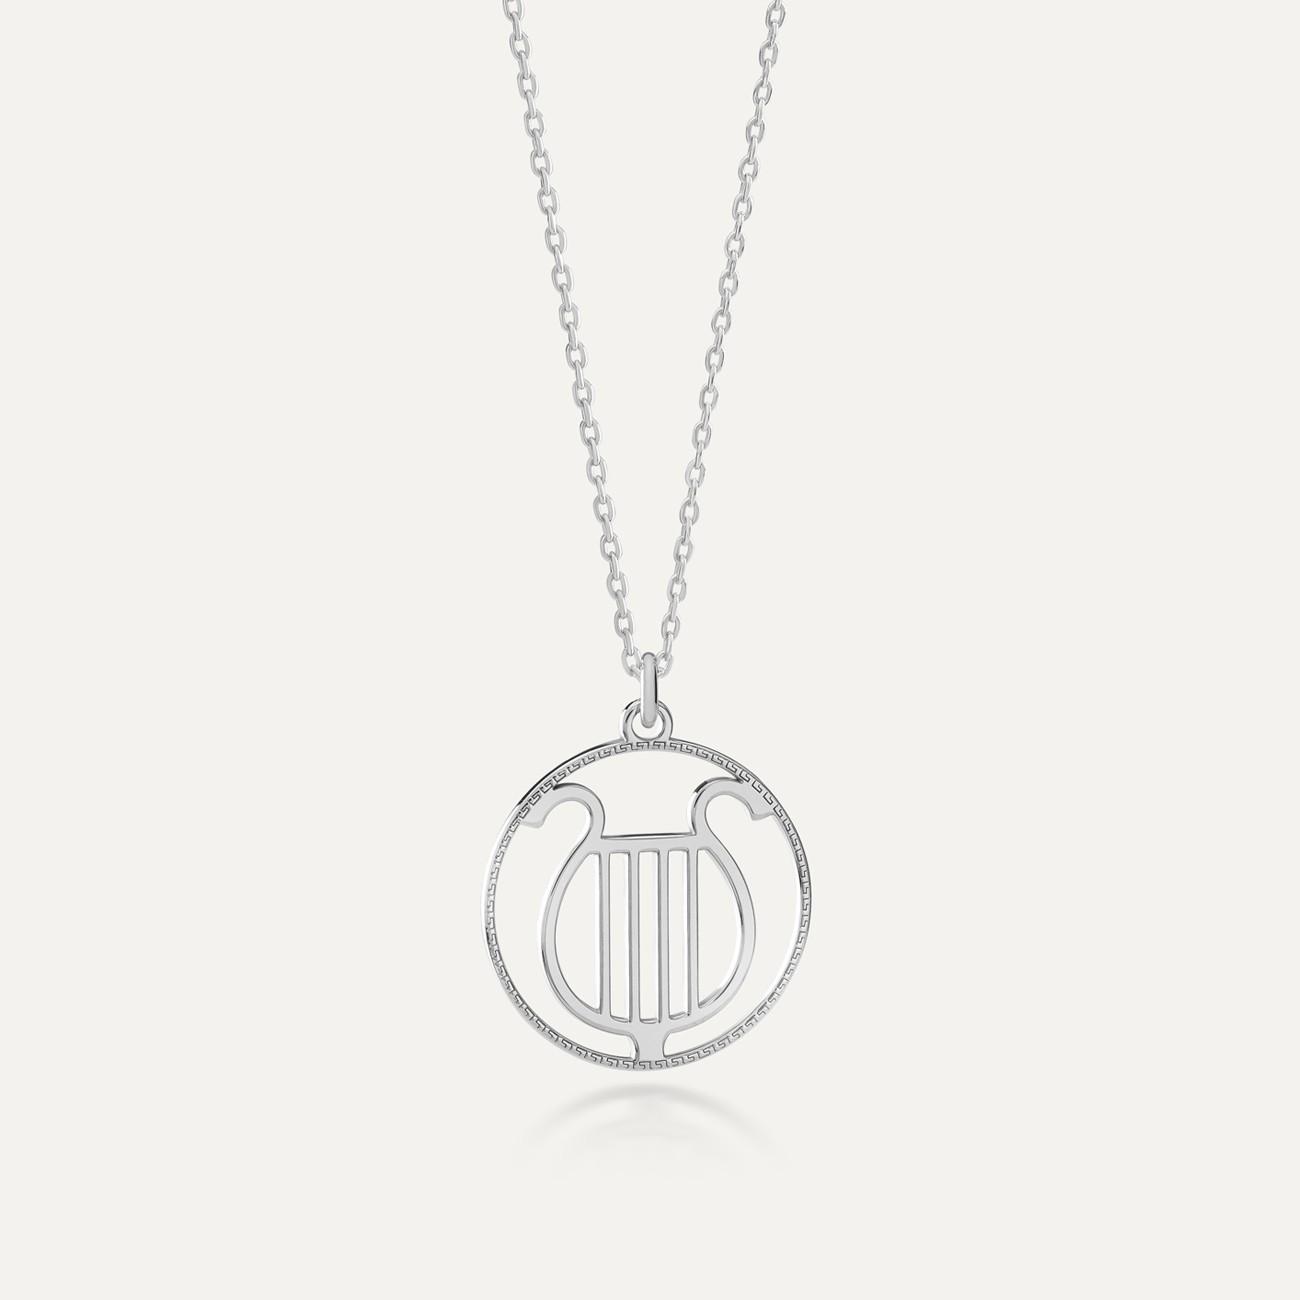 Necklace - Apollo, Silver 925 MON DÉFI